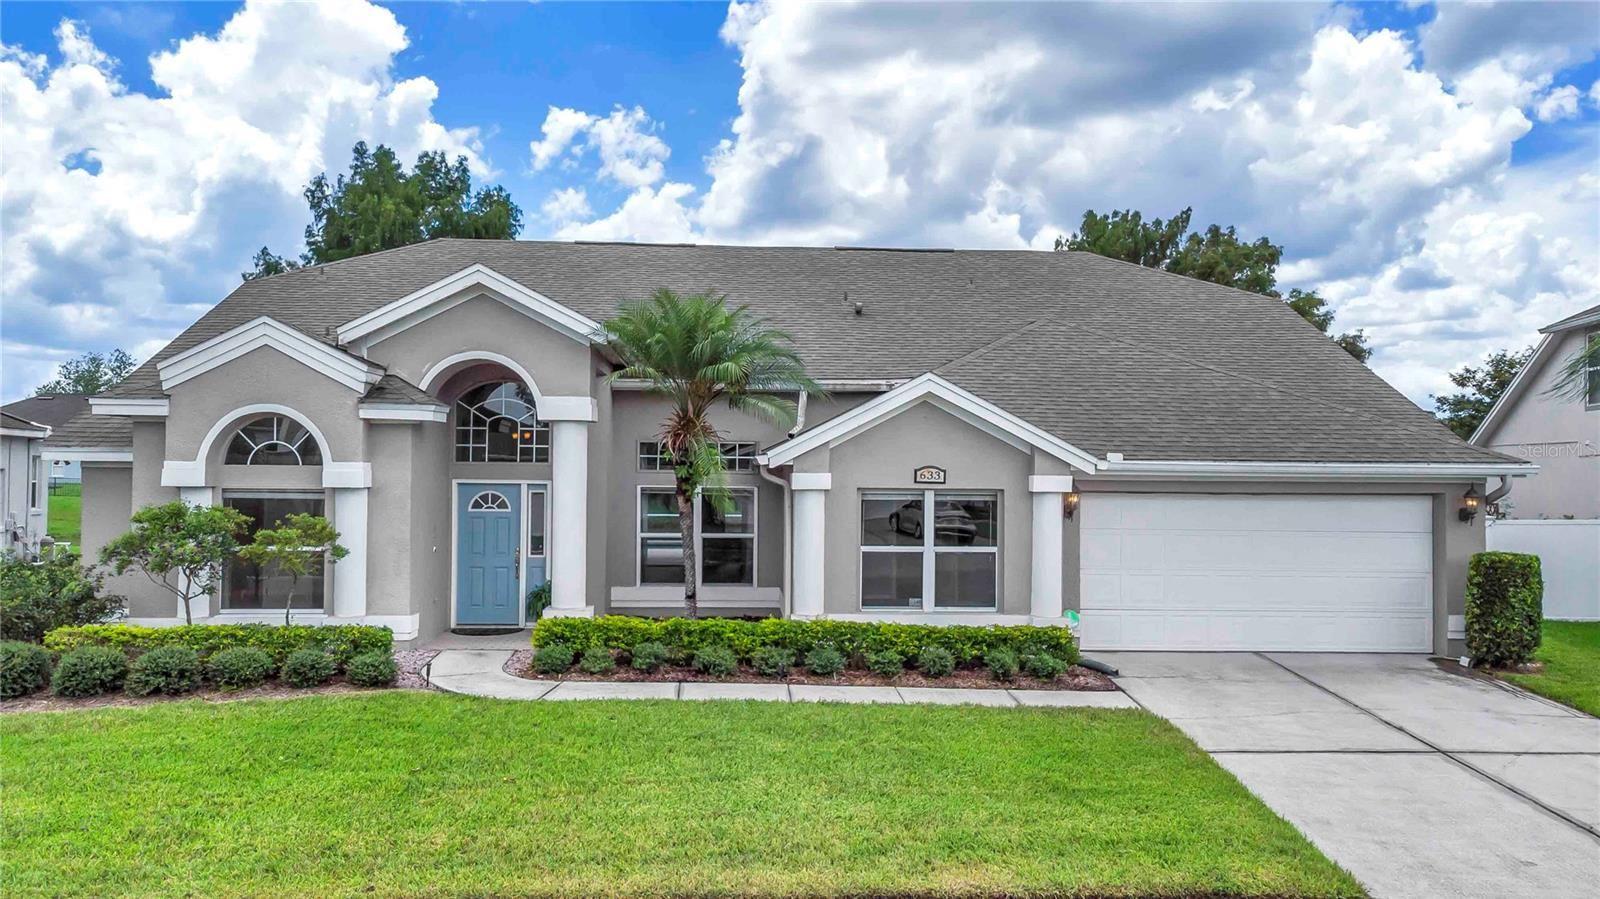 633 LAKEHAVEN CIRCLE, Orlando, FL 32828 - #: O5965873